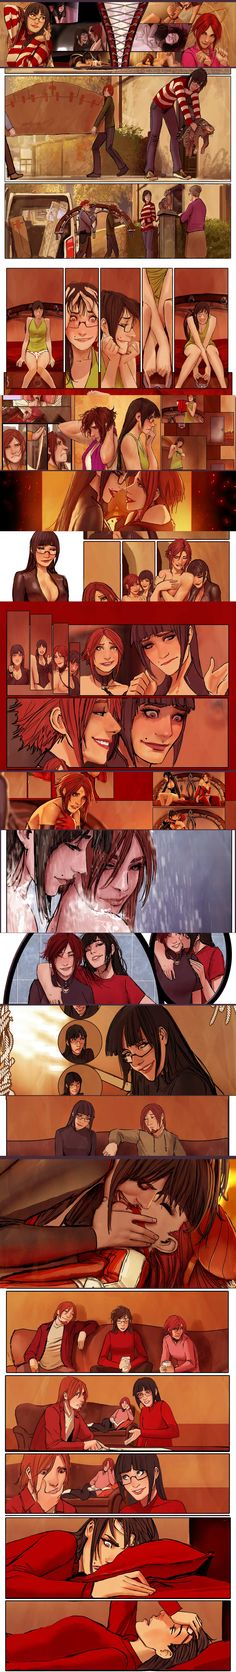 sunstone book 1 collage+ info by shiniez.deviantart.com on @deviantART